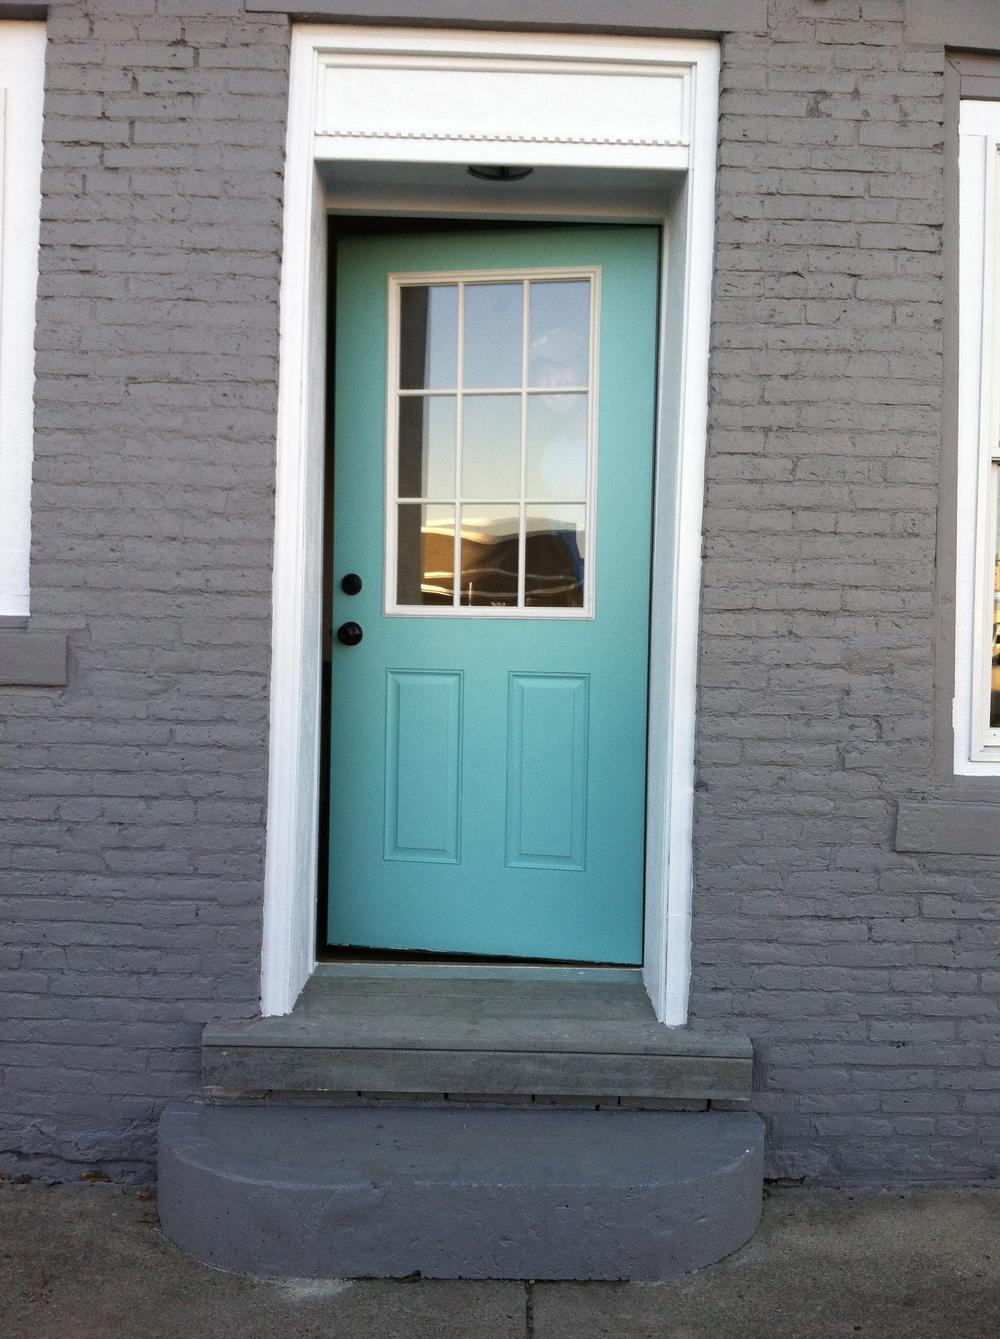 The Door - Round 2